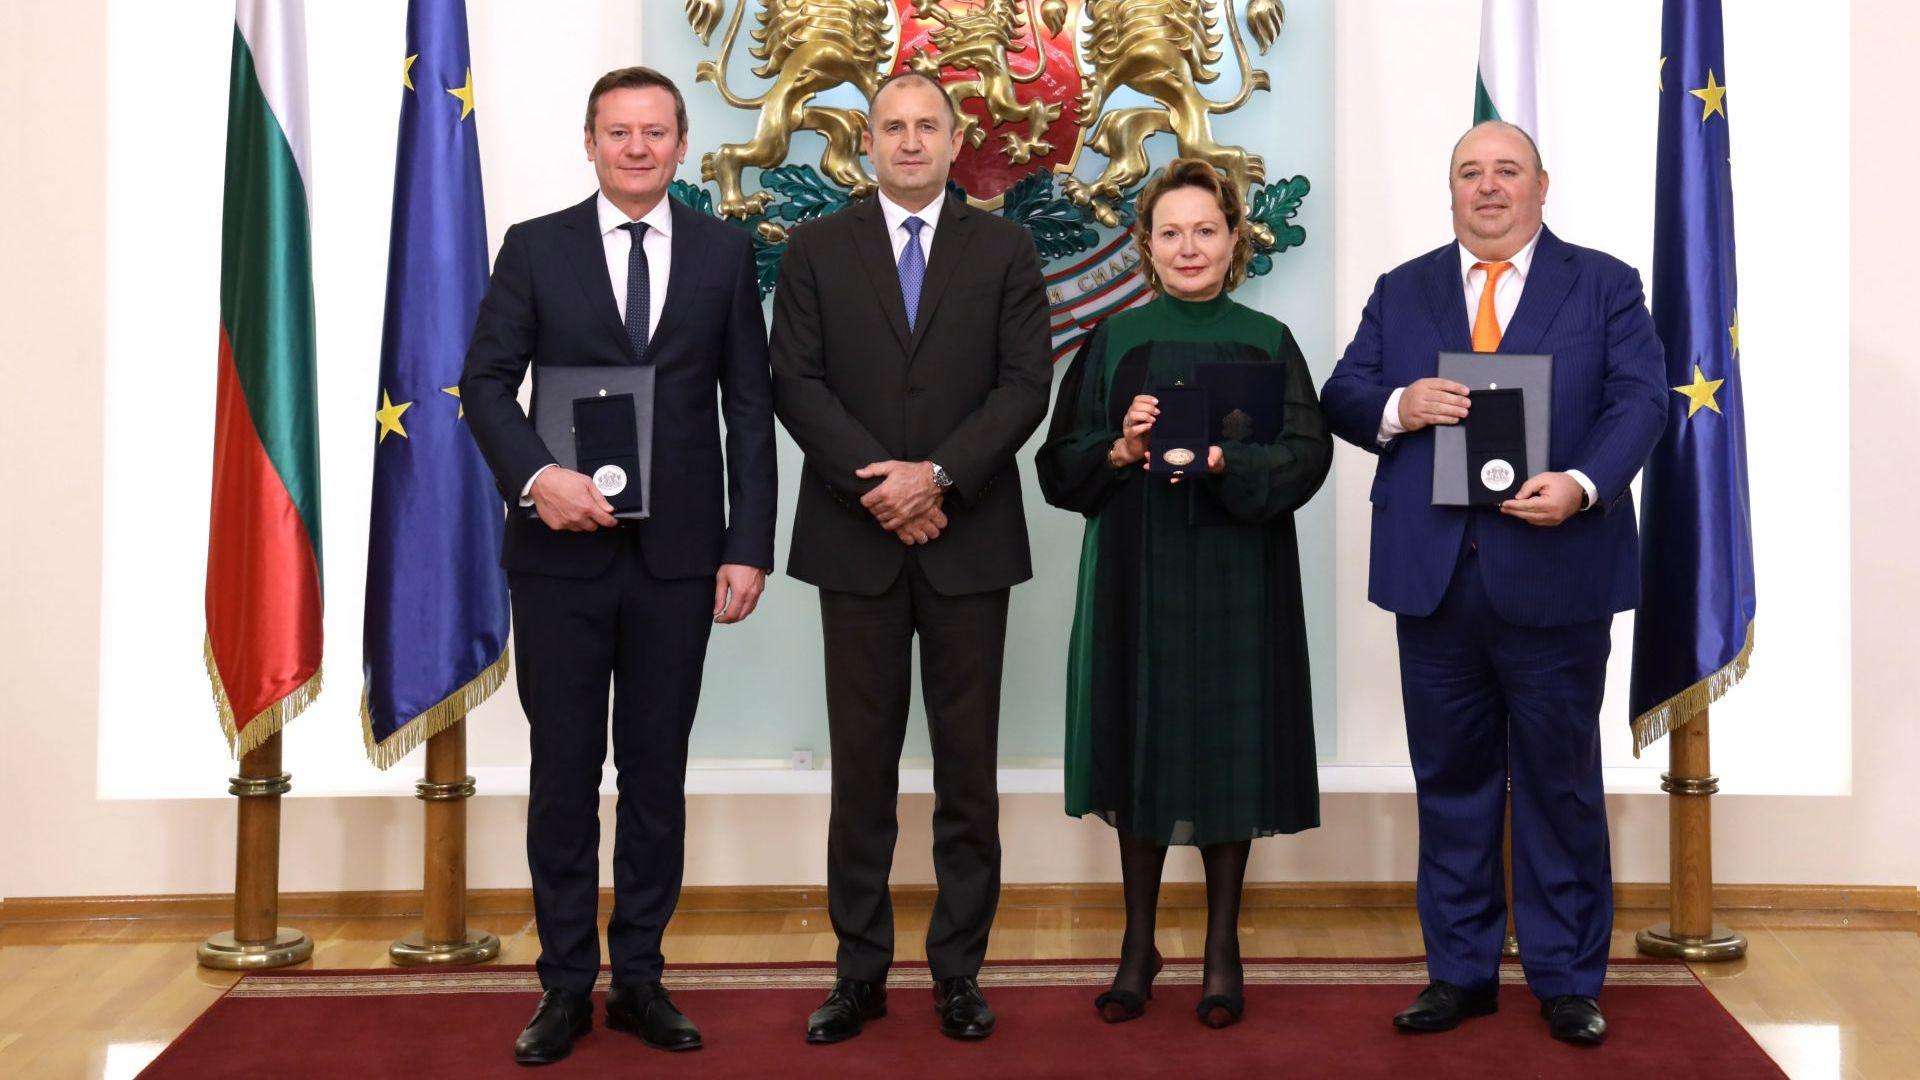 Радев награди с почетния знак на държавния глава Евтим Милошев, Силва Зурлева и Любомир Нейков